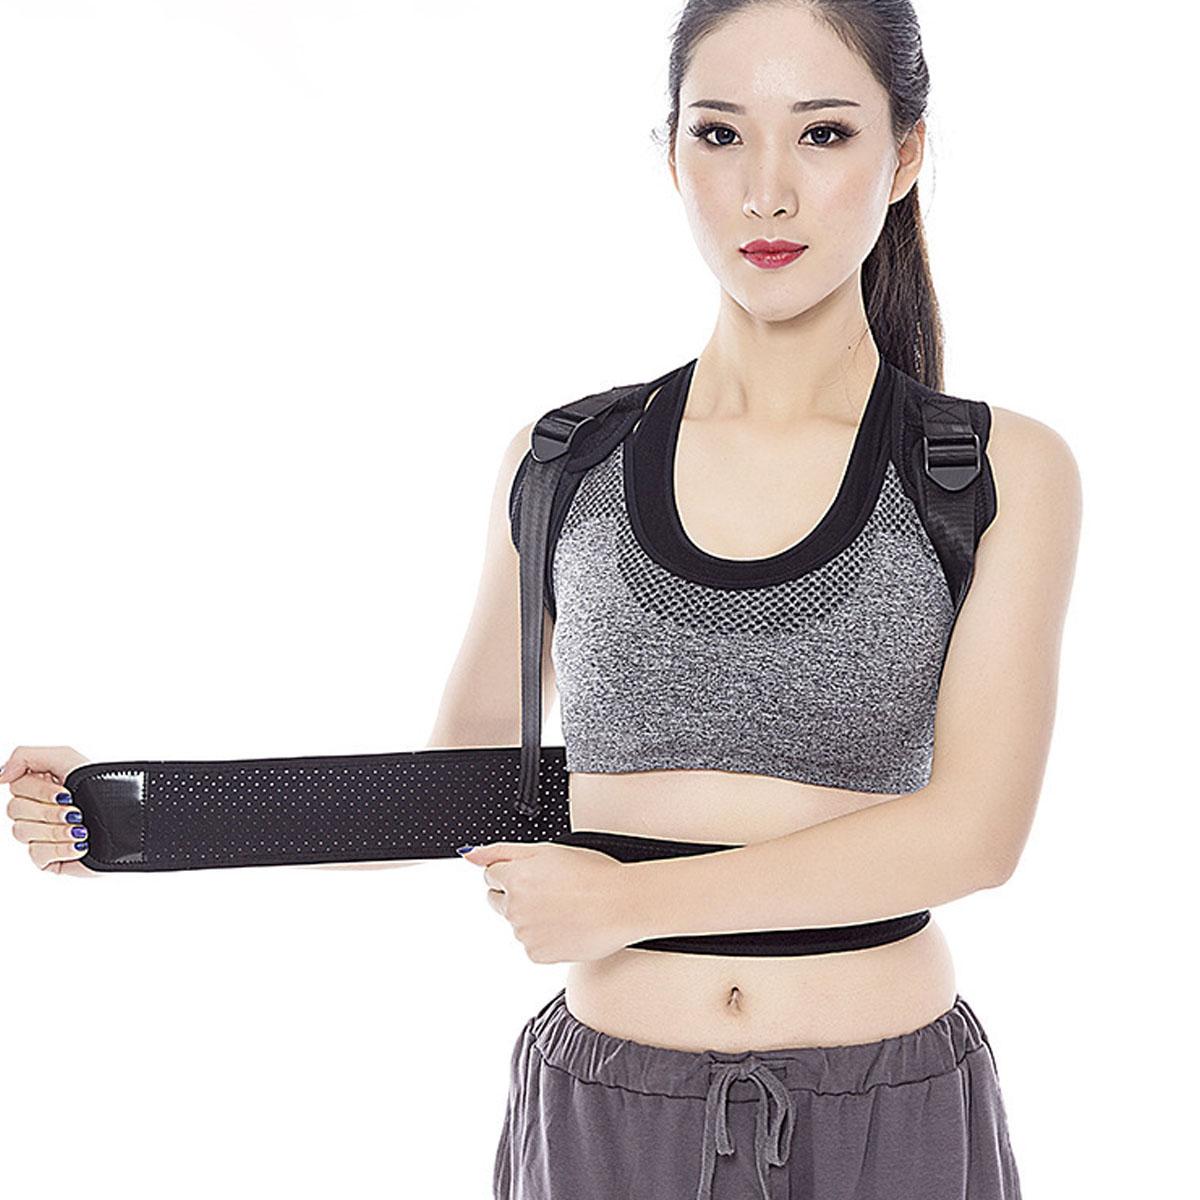 6 Тип Спинка осанки Брейс Ремень Корректор плечевой коррекции Болевая терапия Мужчины Женское - фото 4